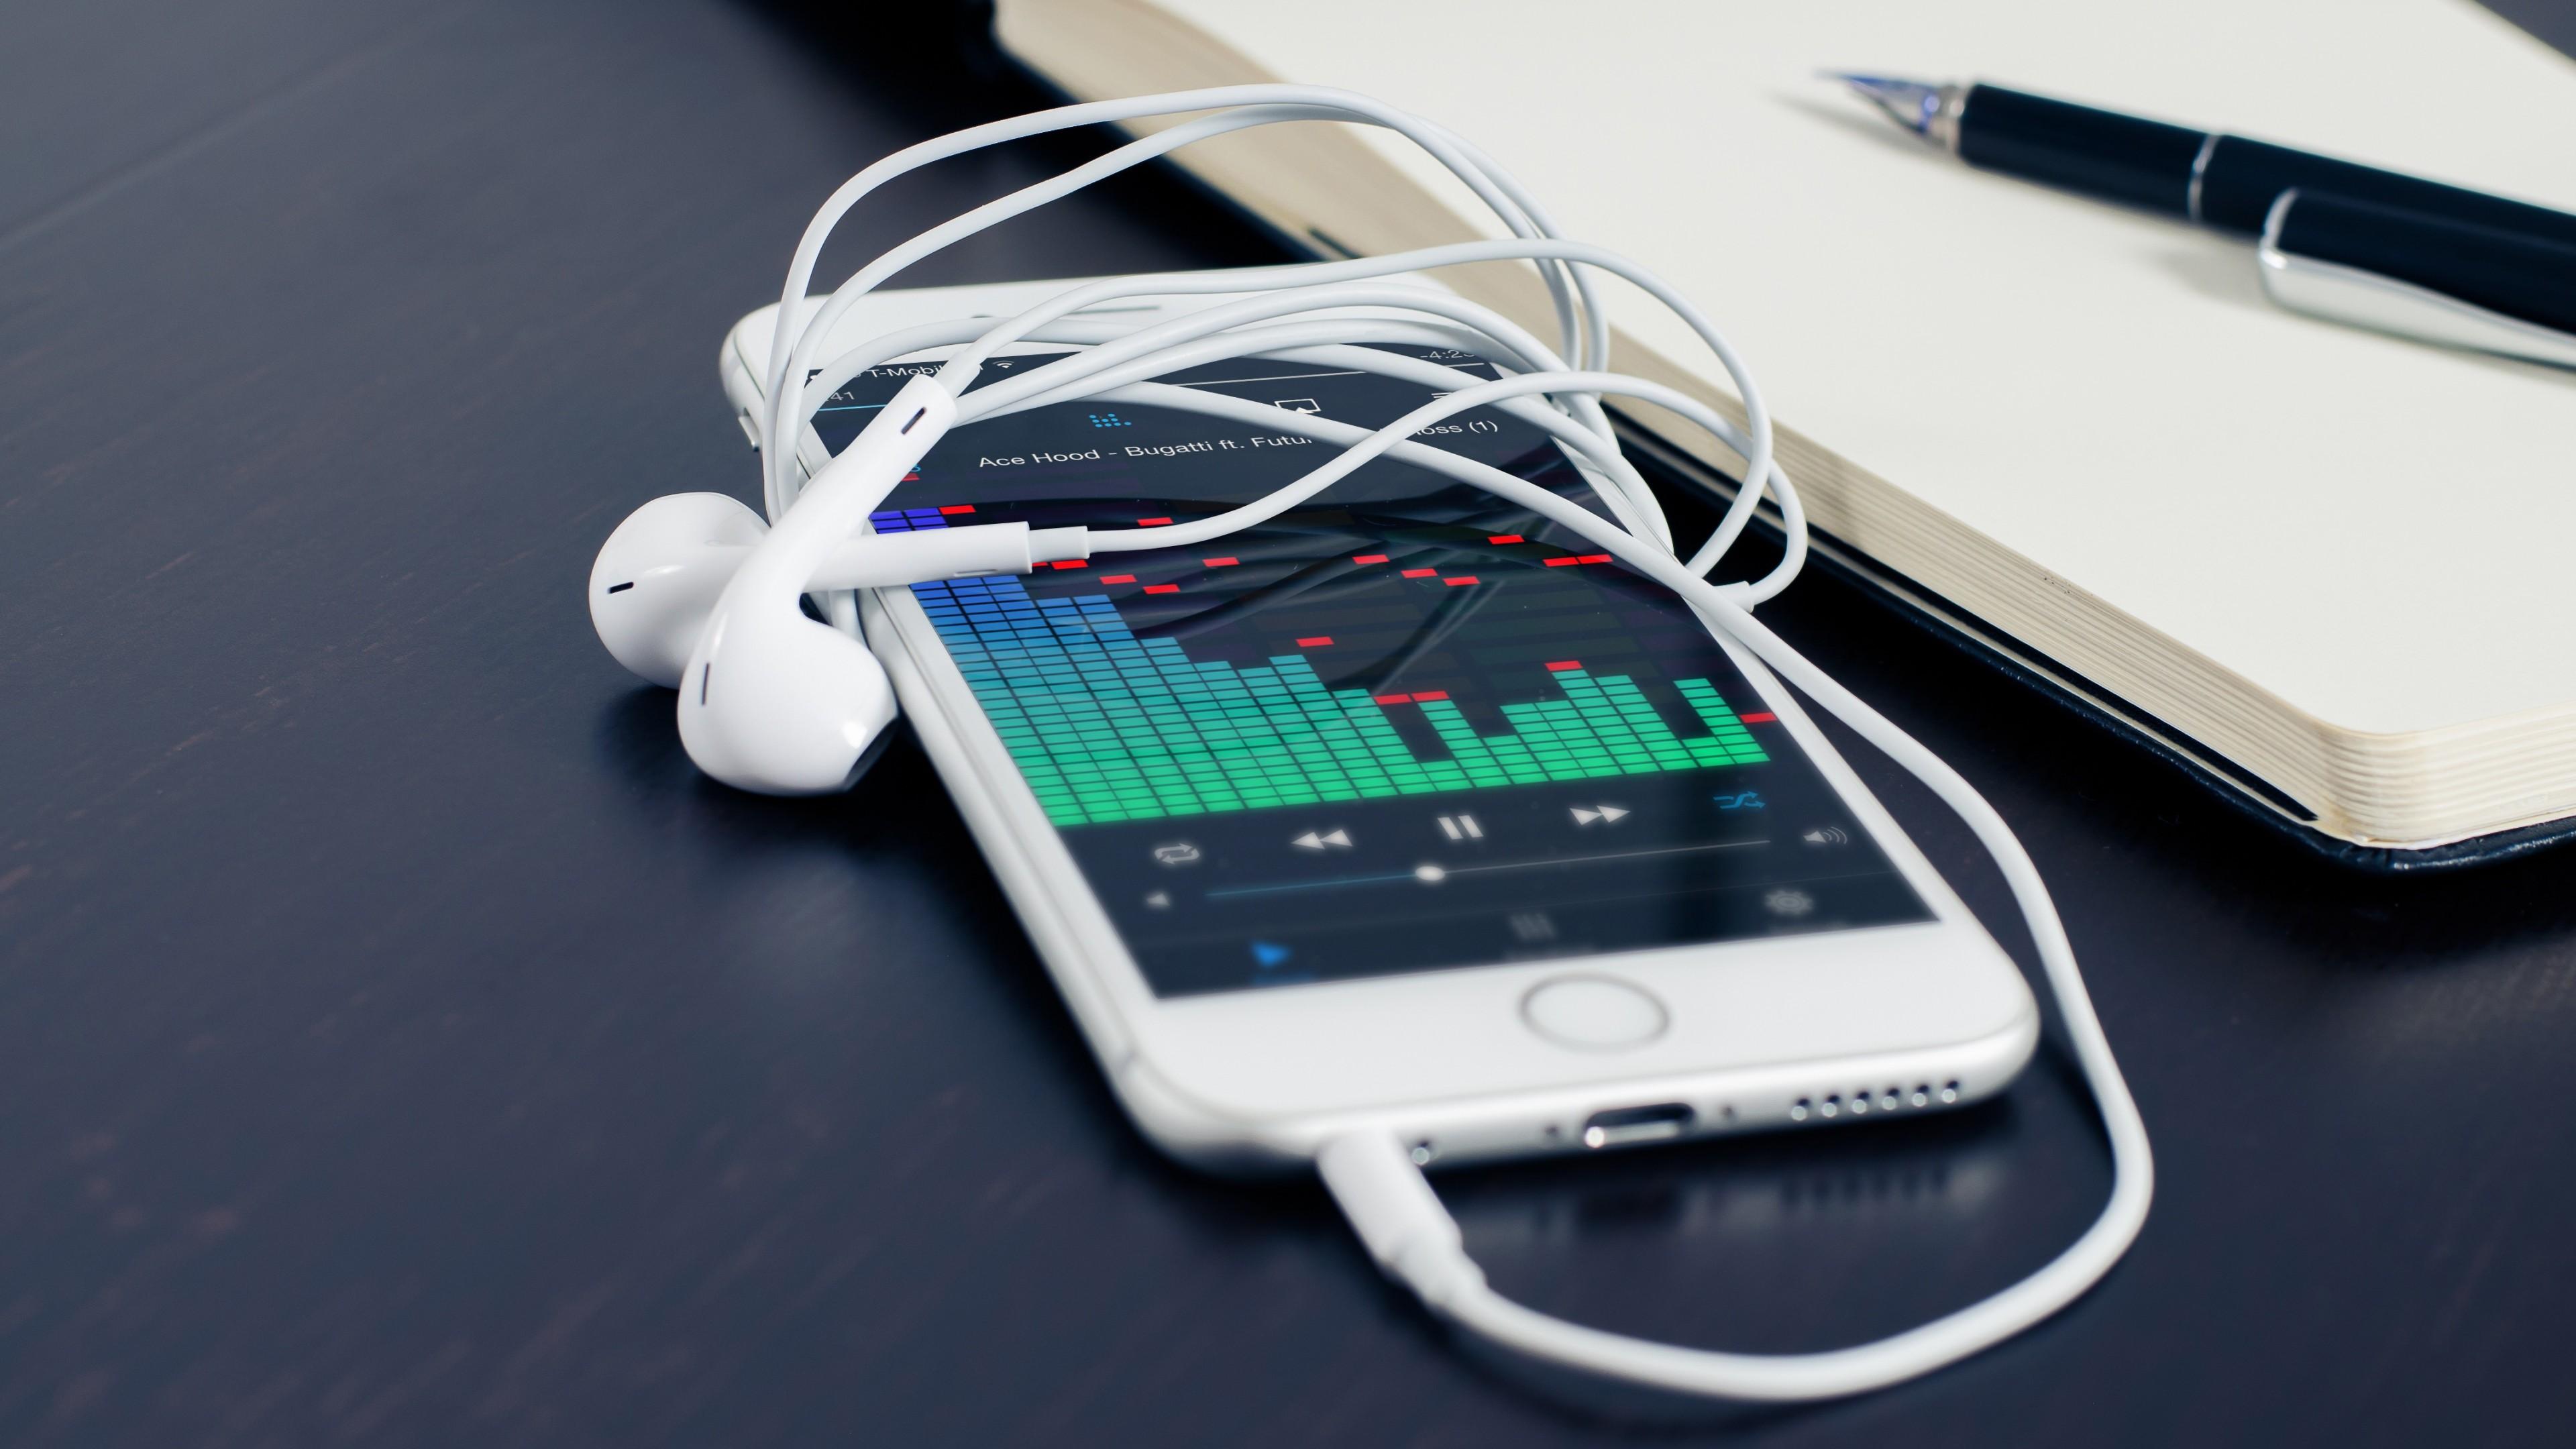 Wallpaper iphone, apple, iphone 6, headphones, notebook, pen